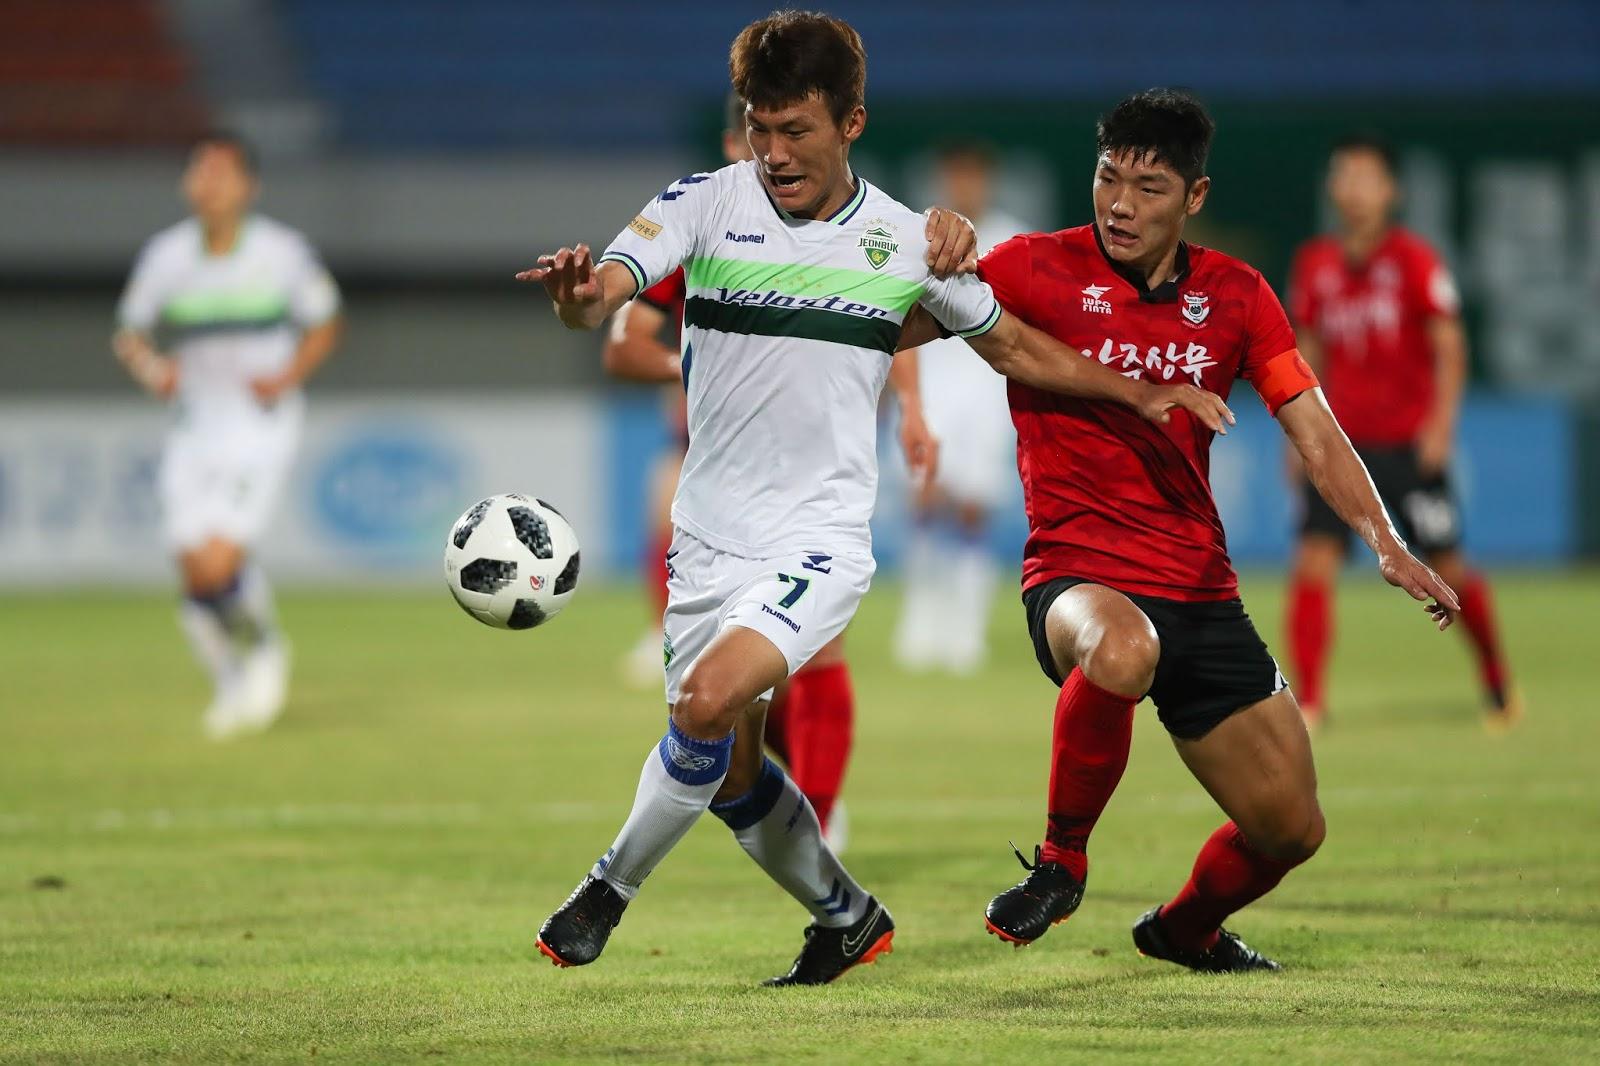 K League 1 Preview: Jeonbuk Hyundai Motors v Sangju Sangmu